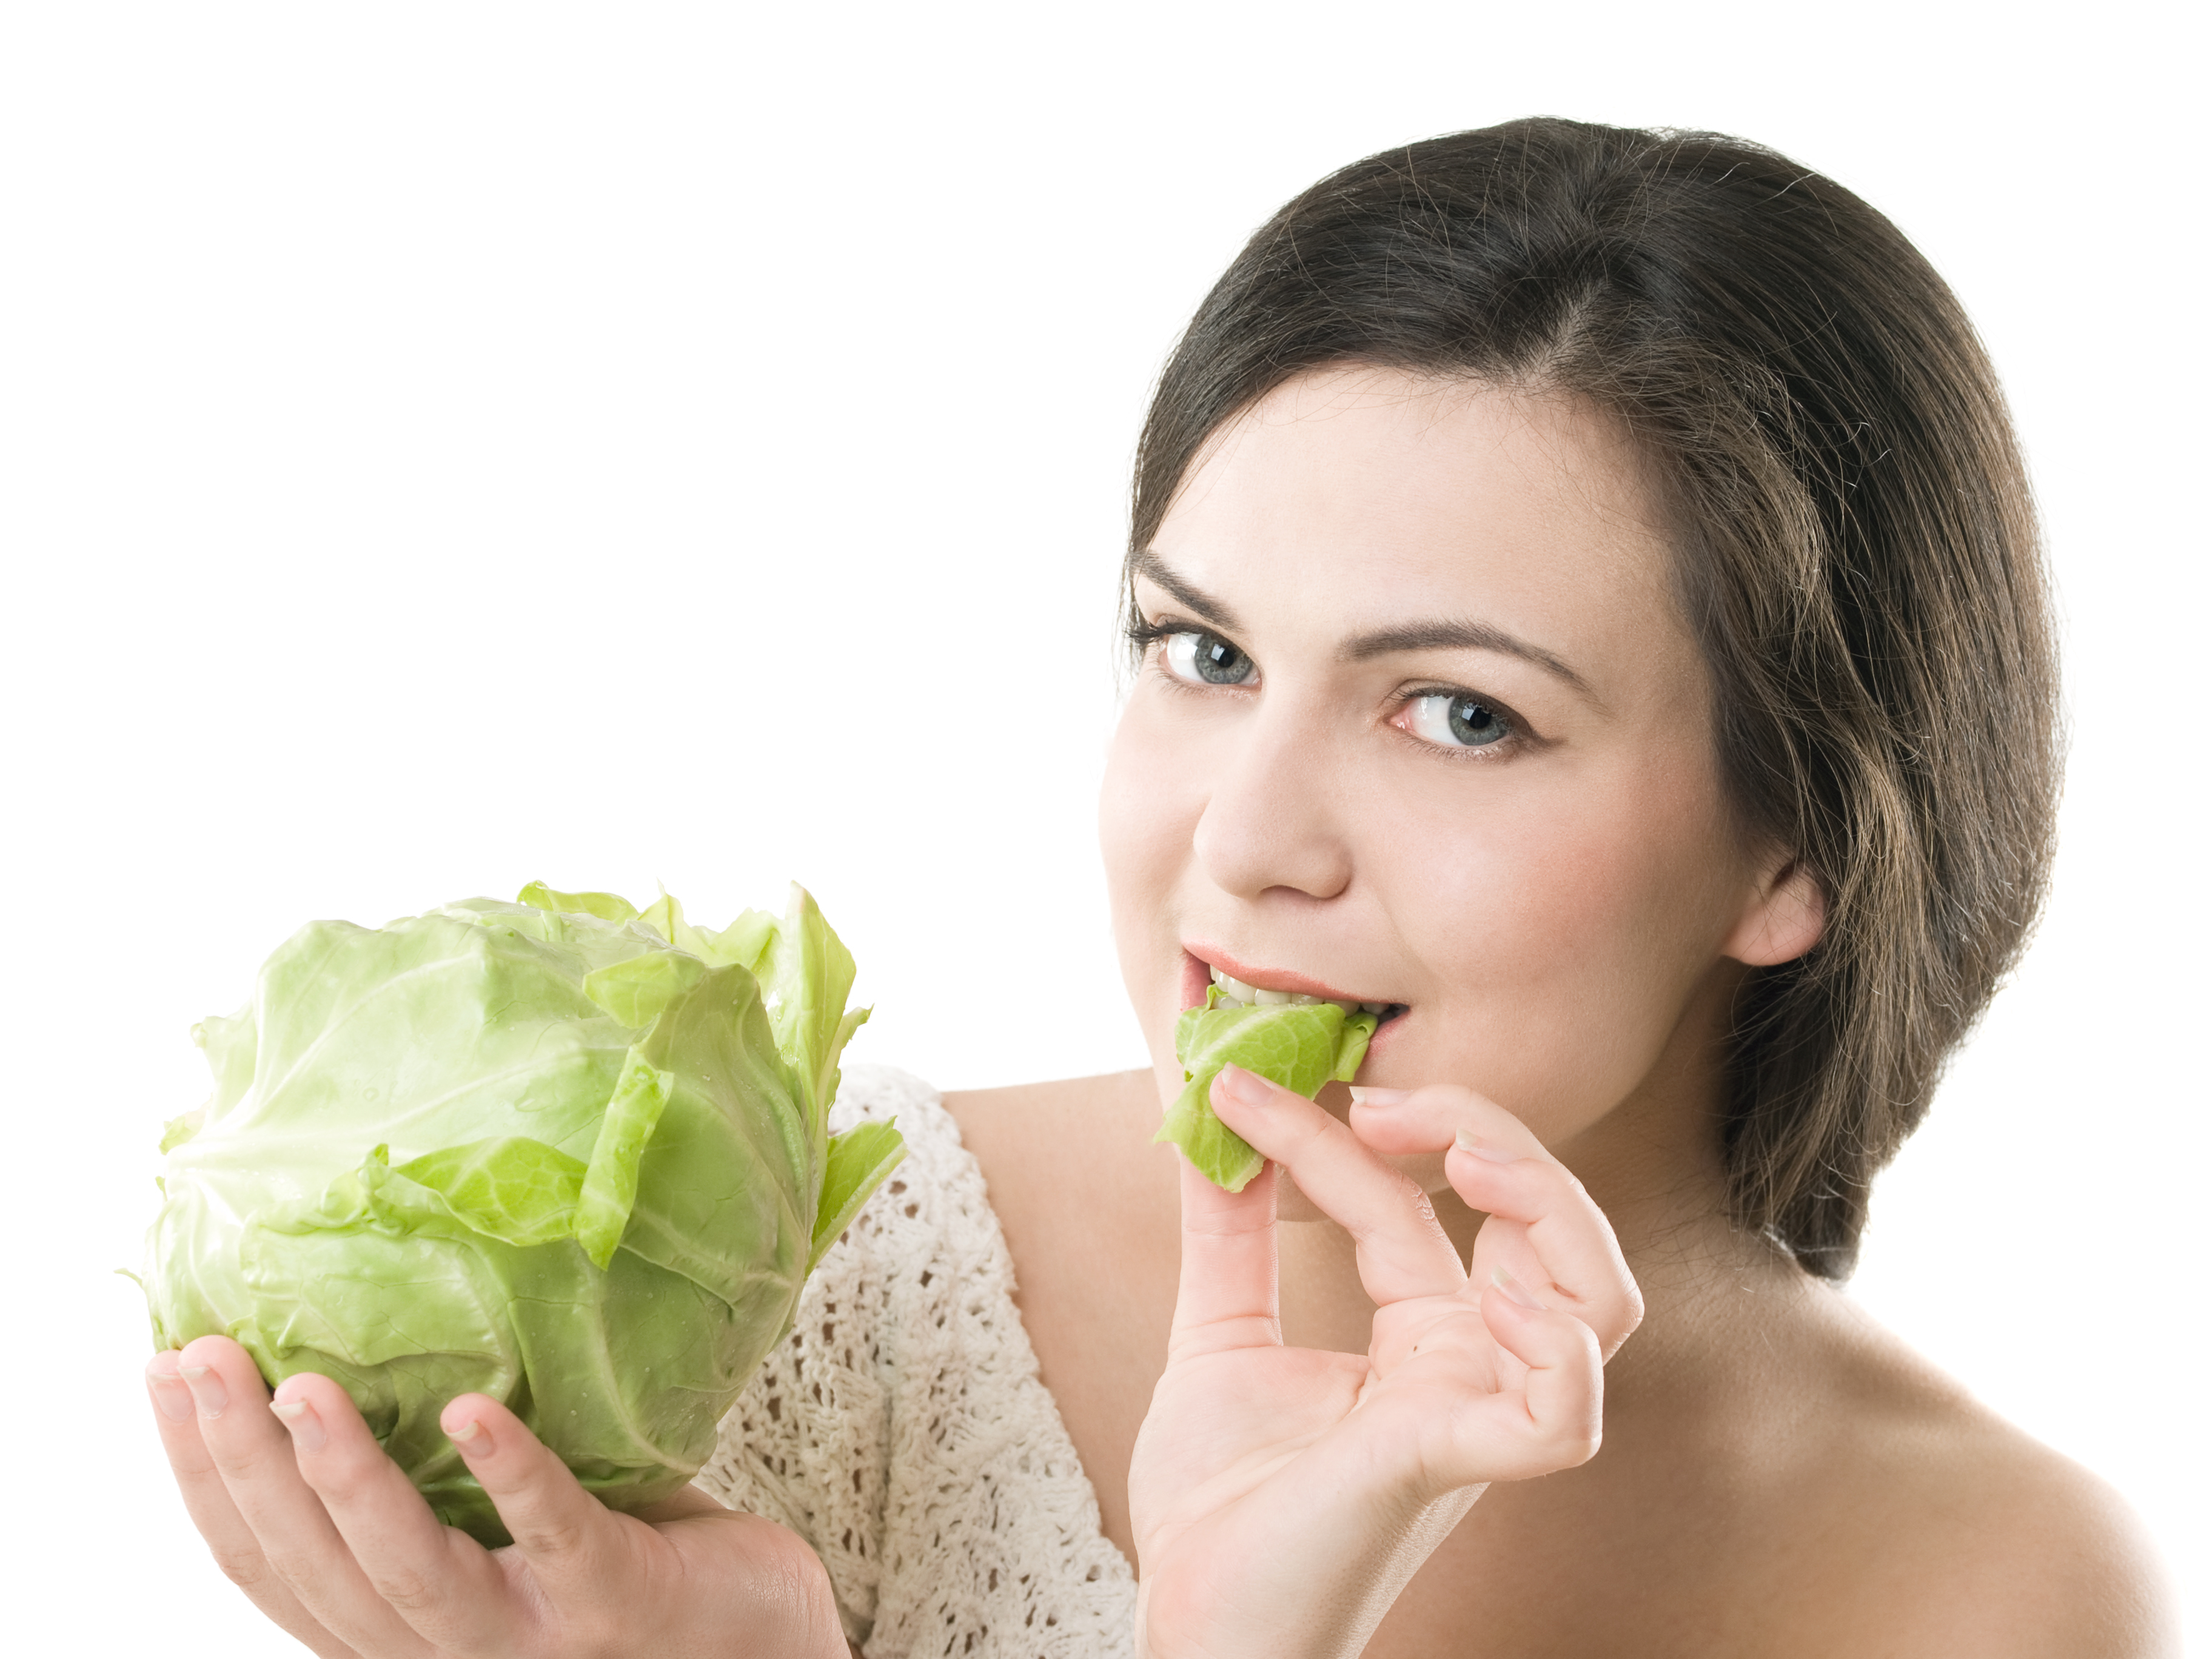 Вред от капустной диеты